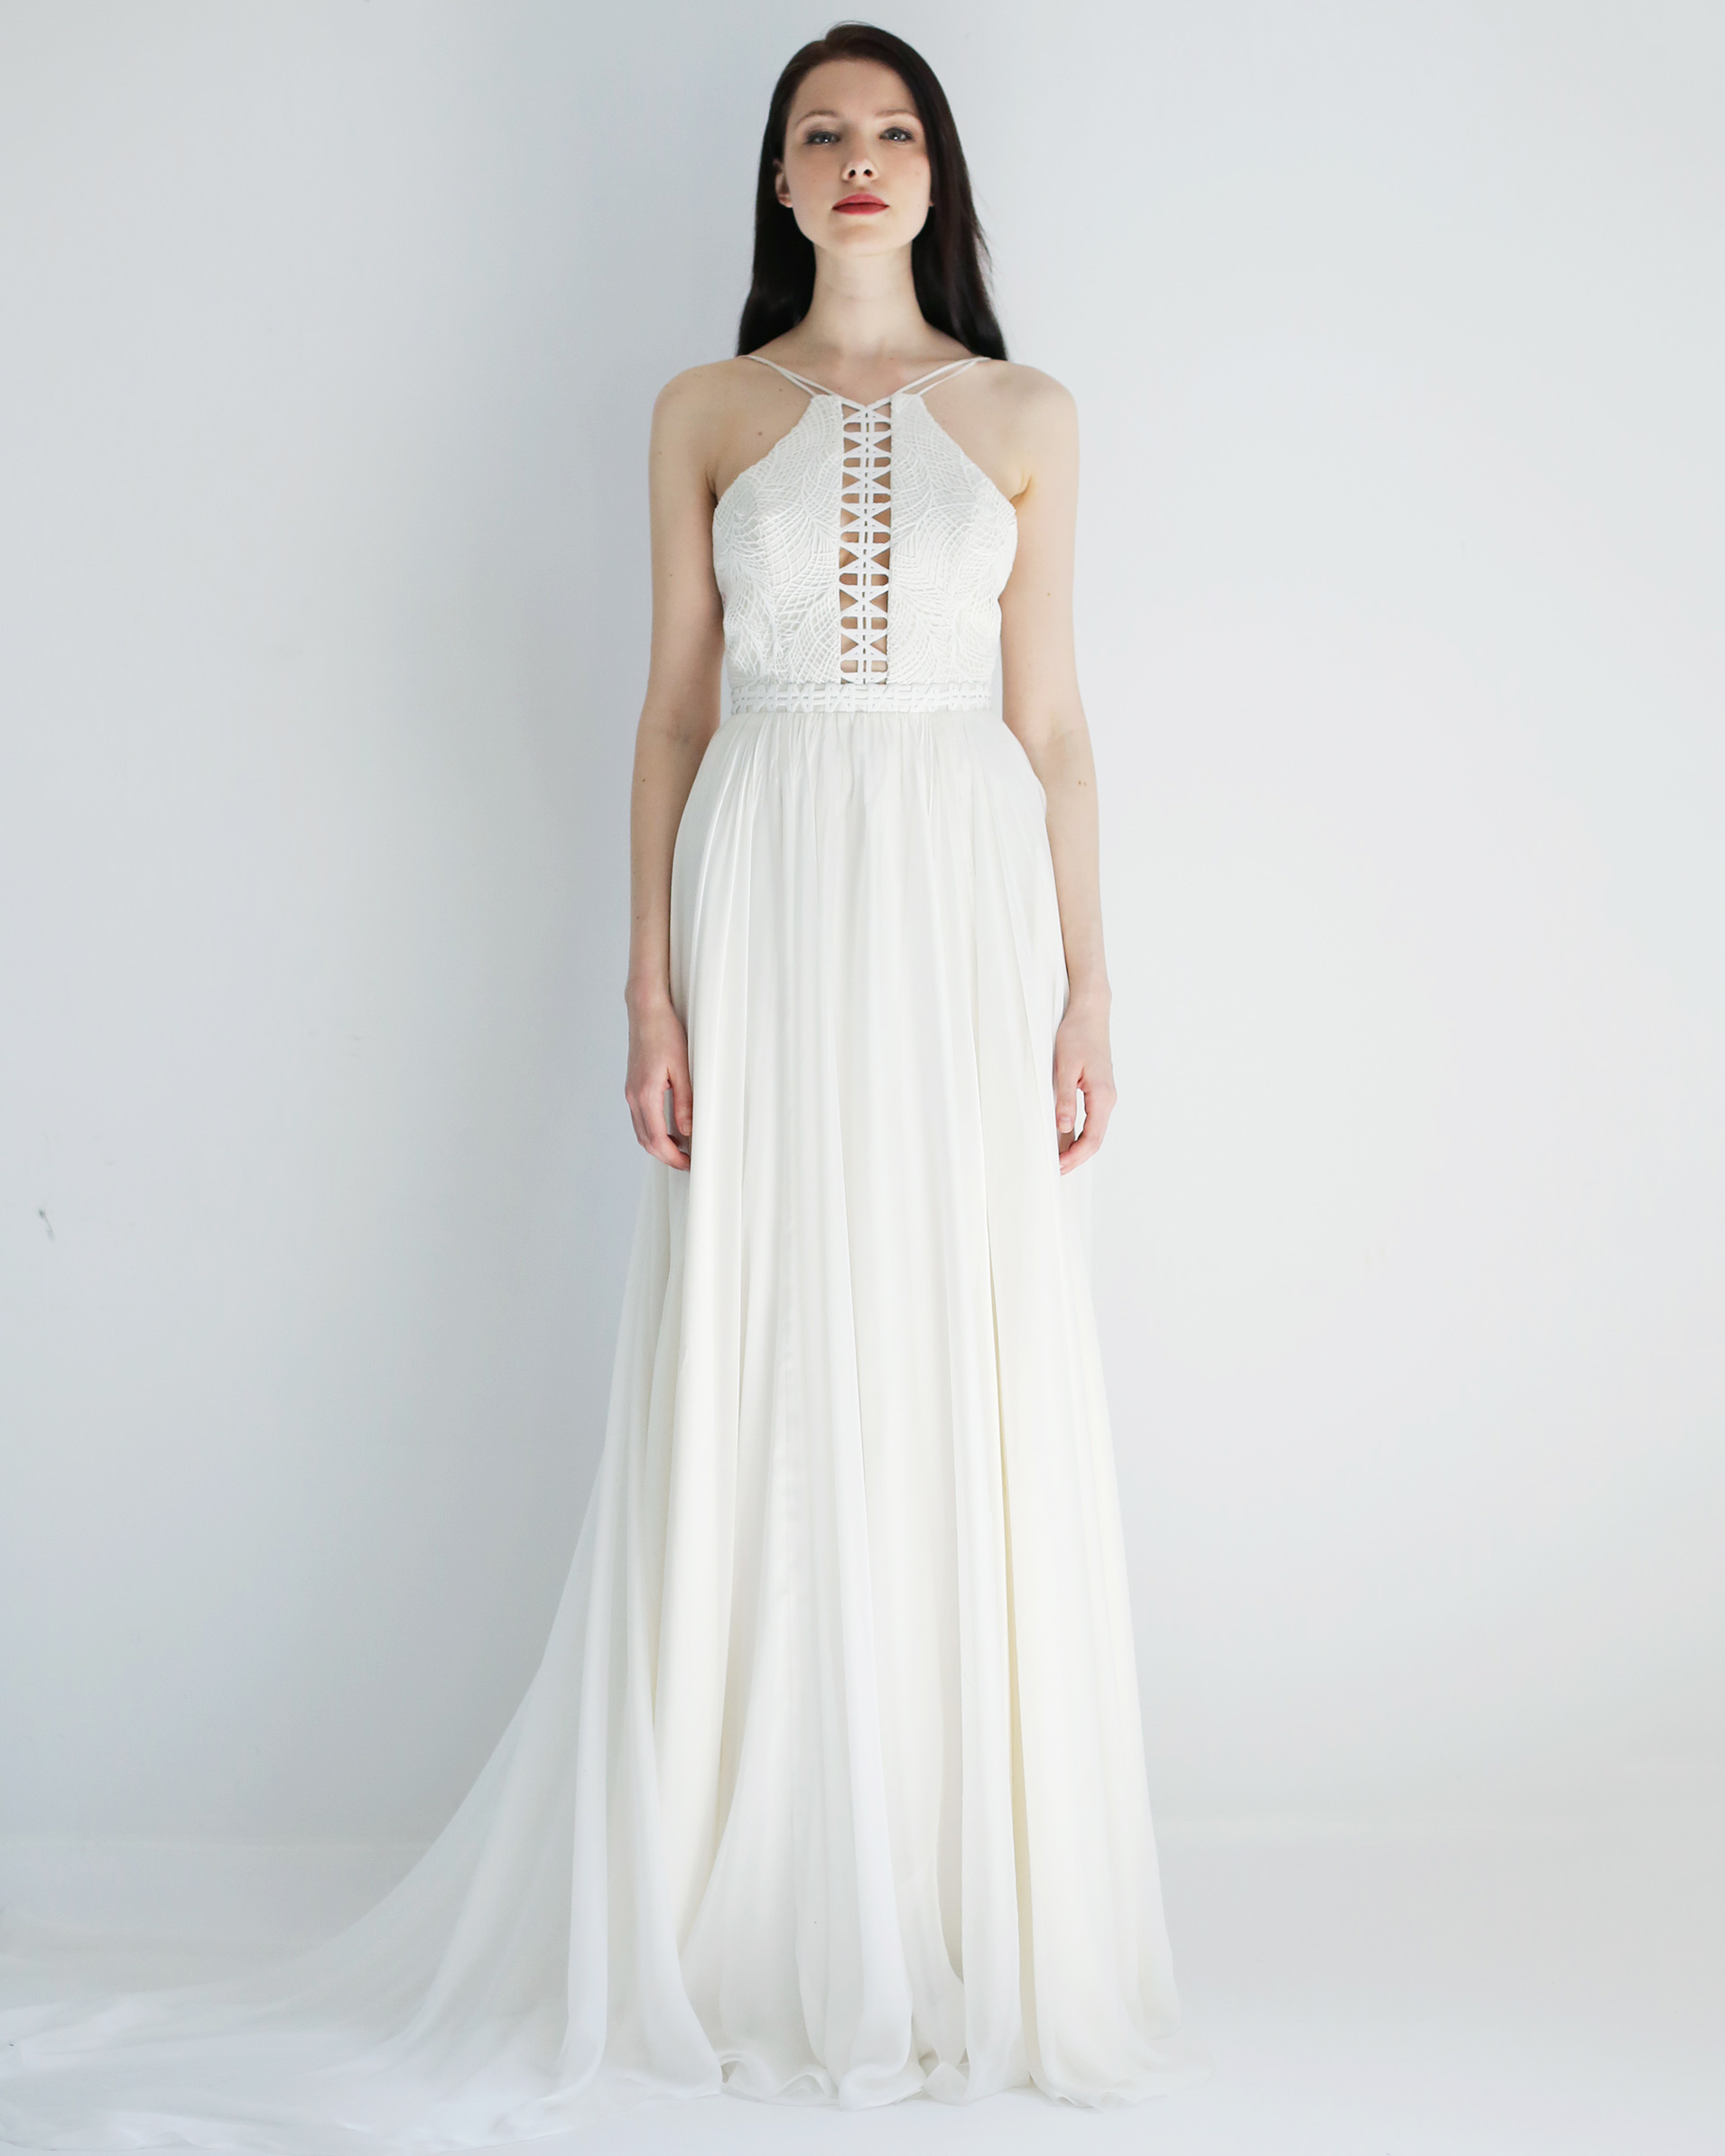 high sheath leanne marshall wedding dress spring2018